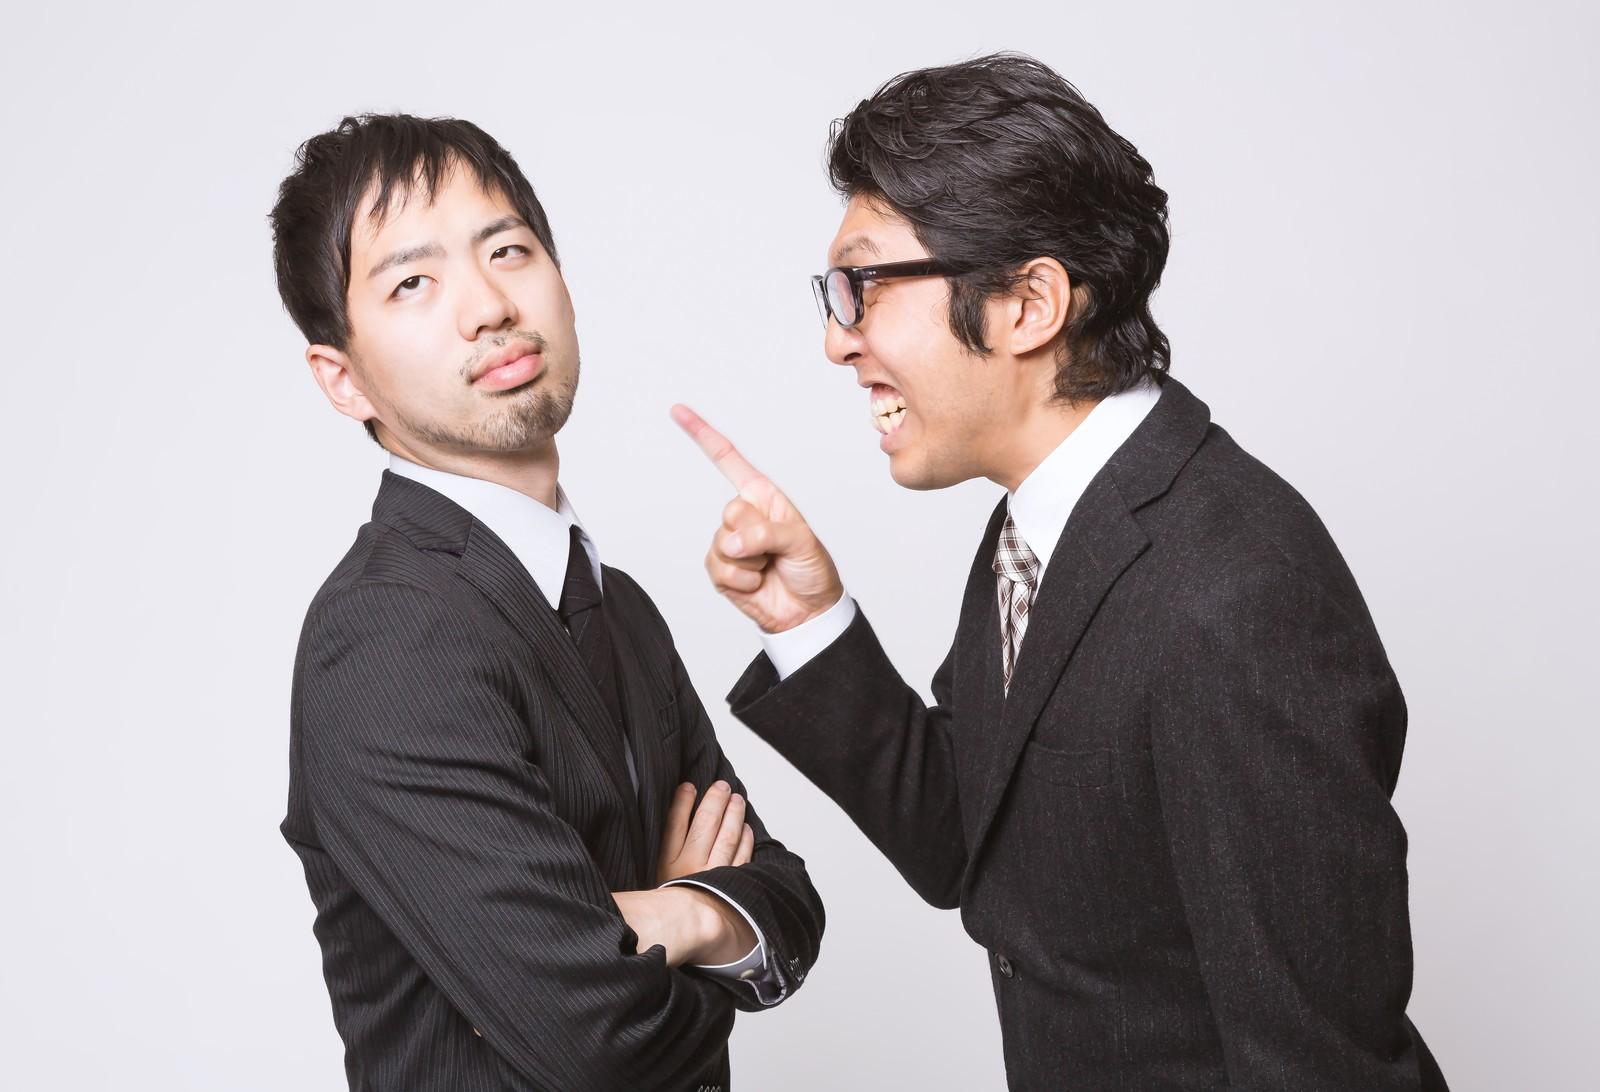 部下を褒めて働き方を改革する②男性のベテラン上司になるにつれ、褒め力が低下していく